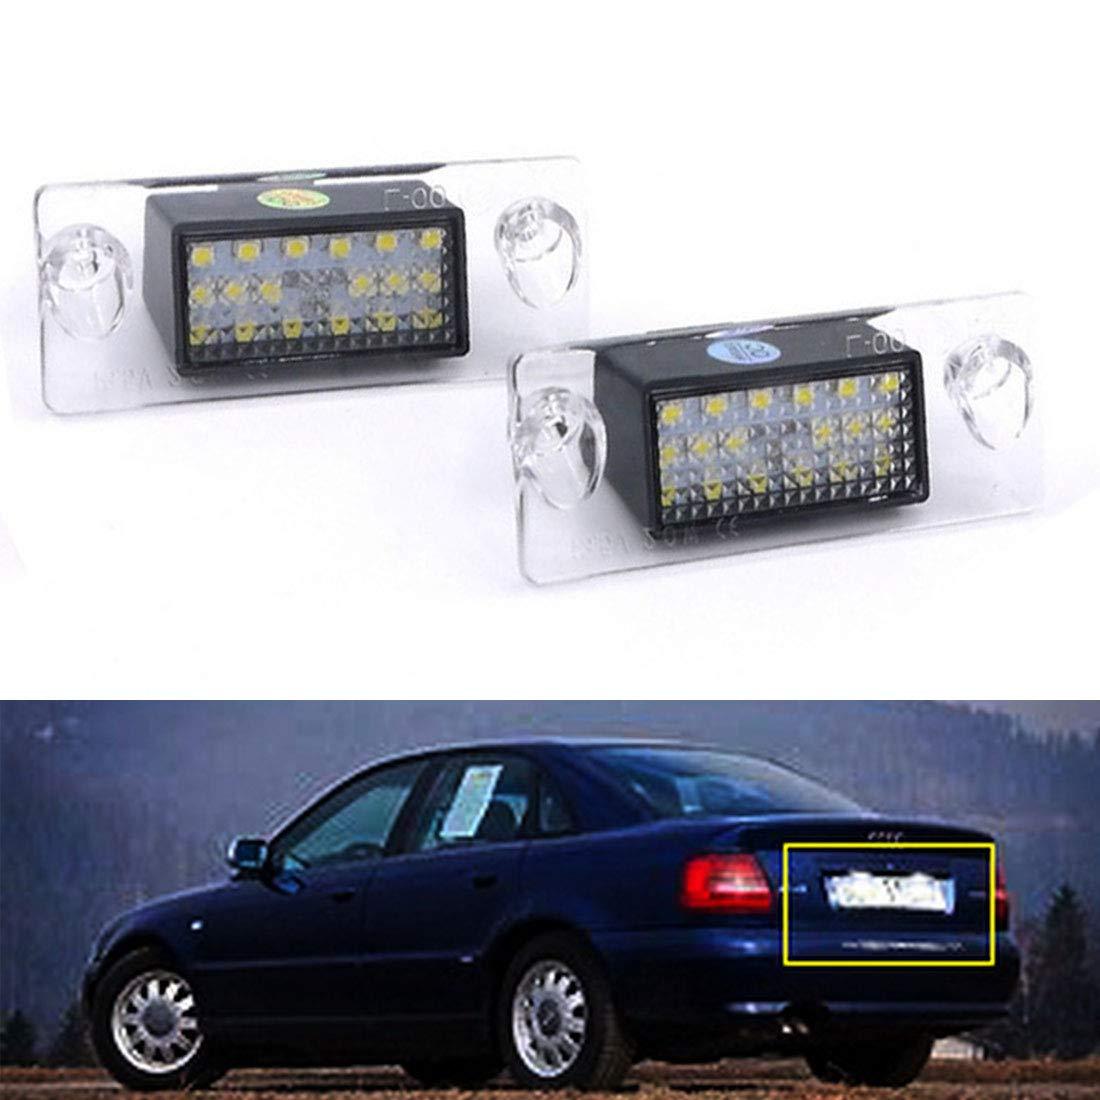 Canbus sans Erreur Blanc 6000K 18SMD LED Lumi/ère pour A4 B5 S5 B5 A3 S3 Sportback A4 S4 Avant VIGORFLYRUN PARTS LTD 2Pcs LED Lumi/ère de Plaque dimmatriculation